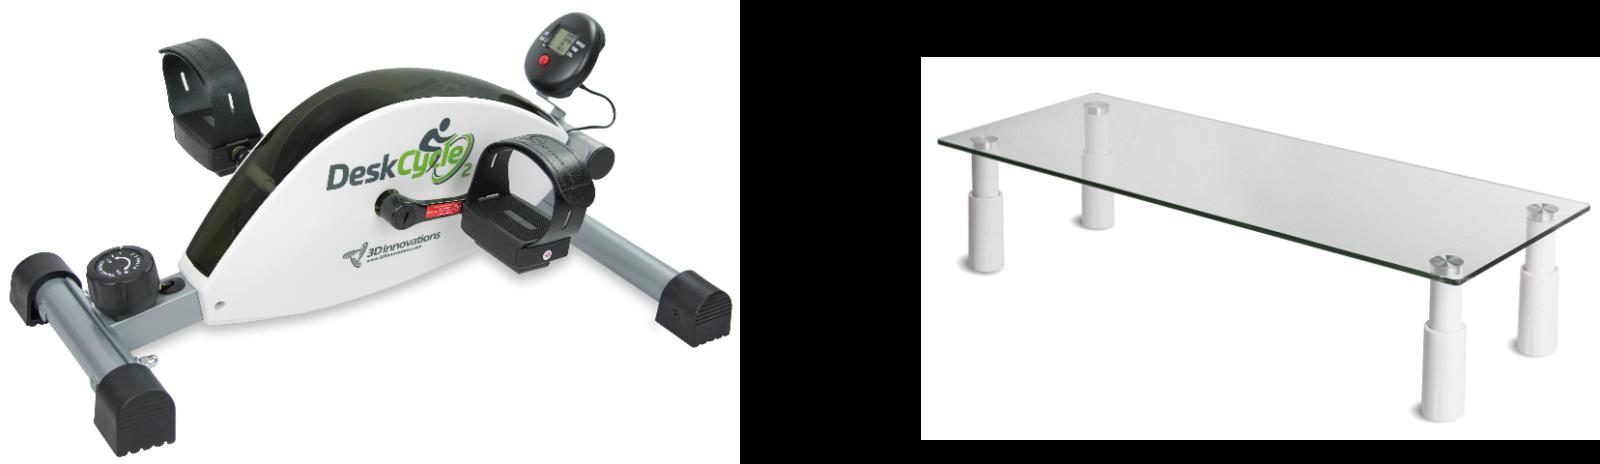 Hemmakontor paket small SportOffice skrivbordscyklar och